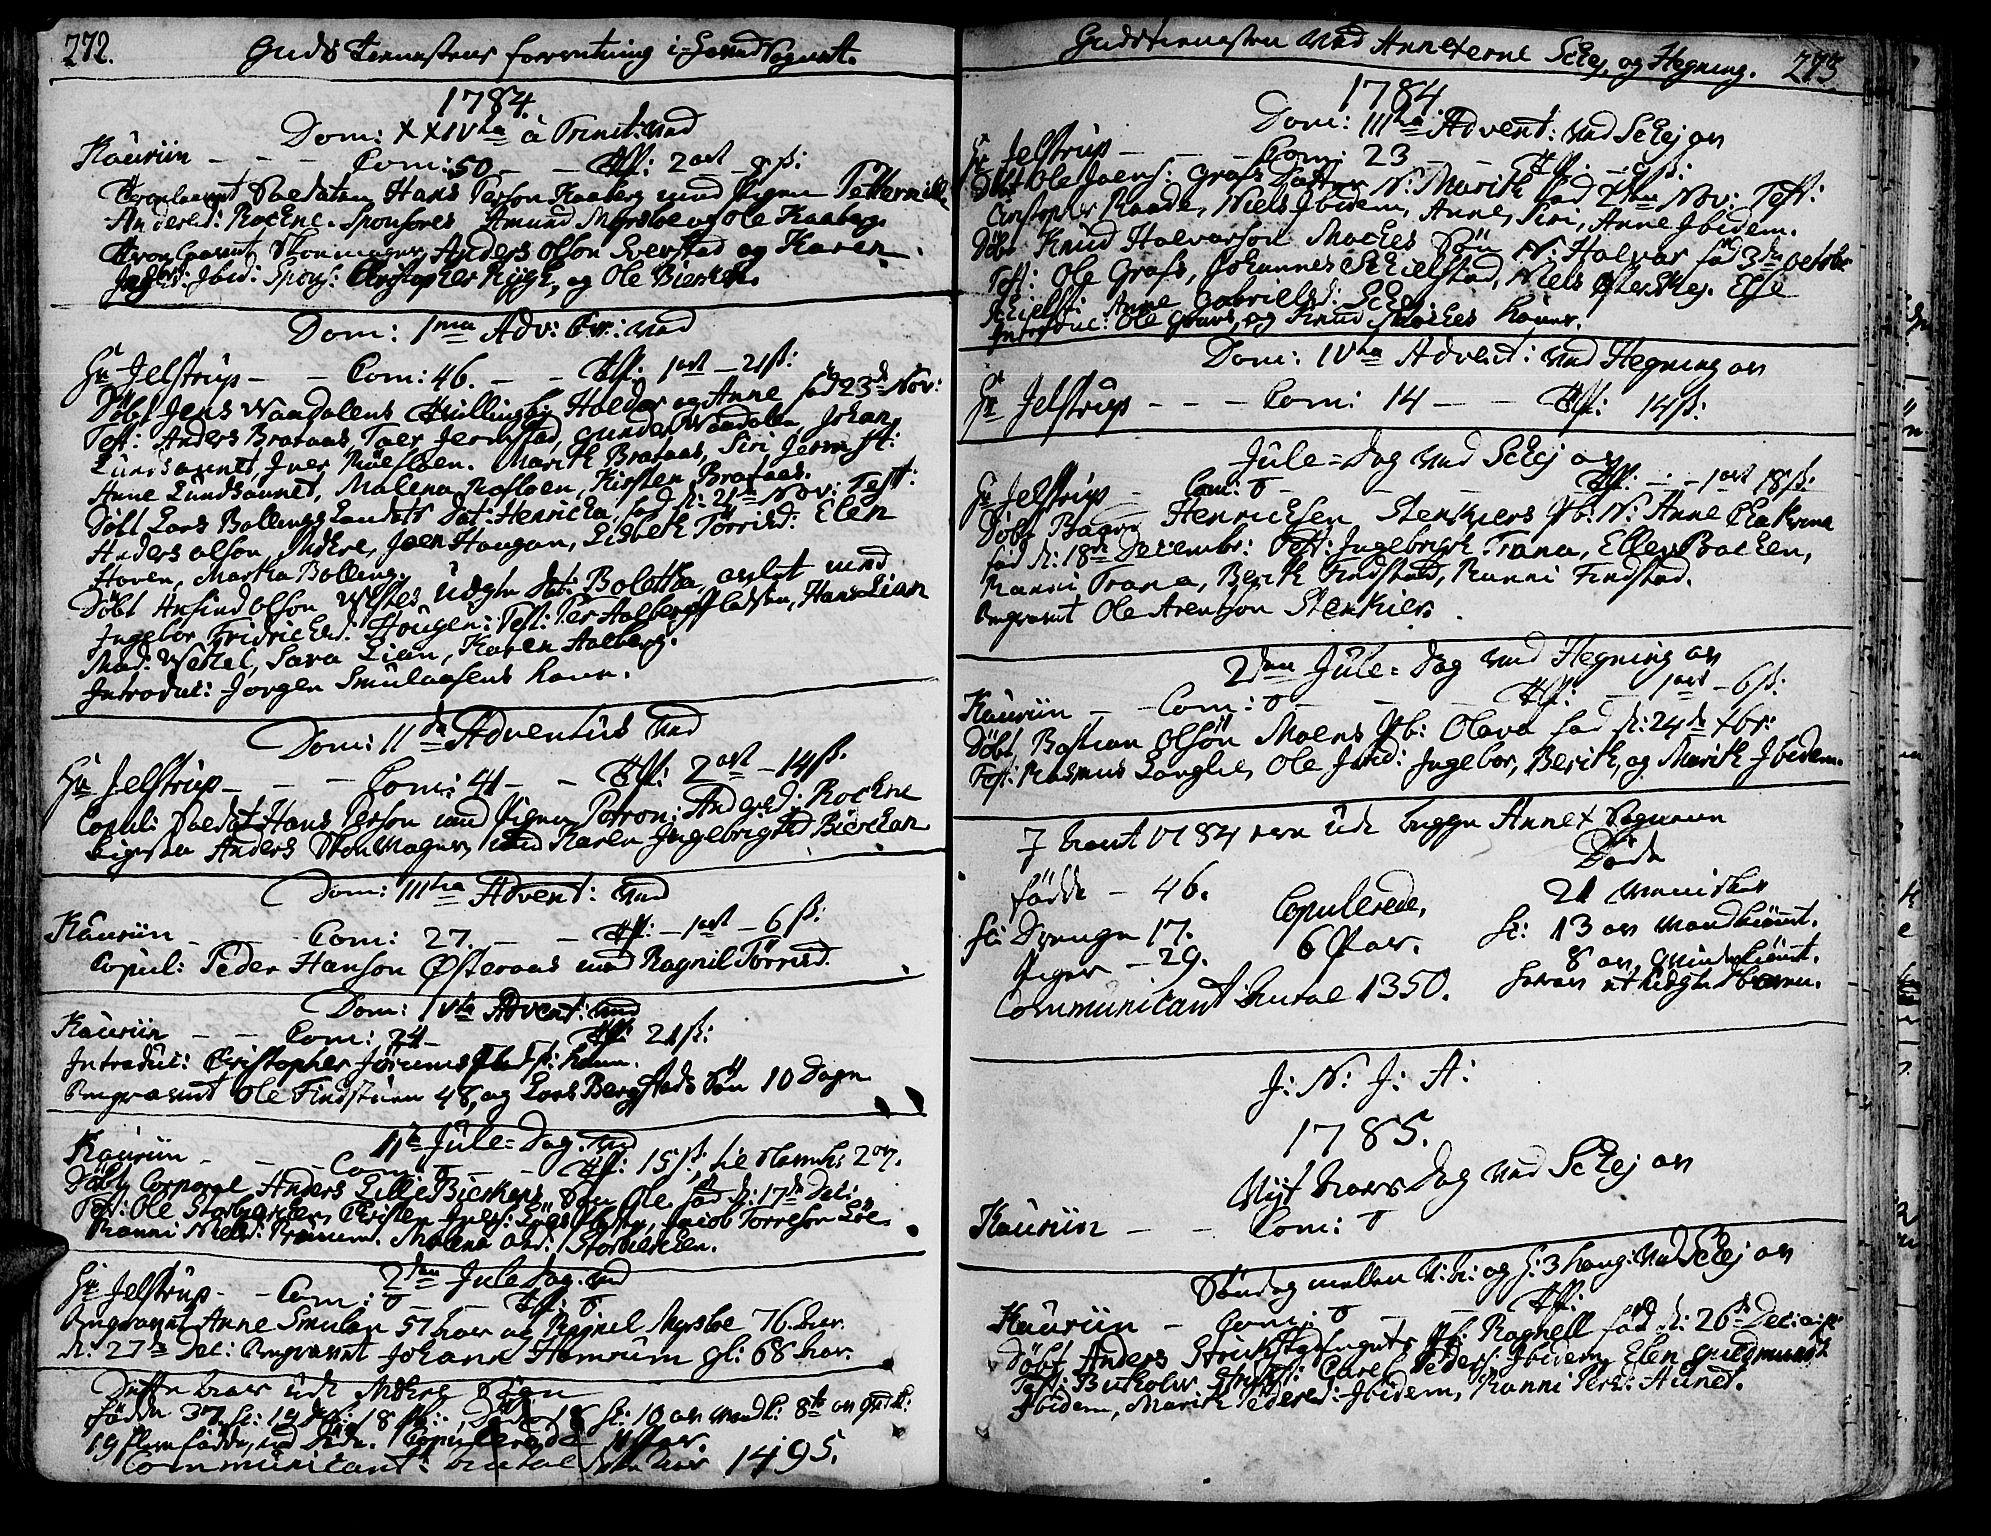 SAT, Ministerialprotokoller, klokkerbøker og fødselsregistre - Nord-Trøndelag, 735/L0331: Ministerialbok nr. 735A02, 1762-1794, s. 272-273